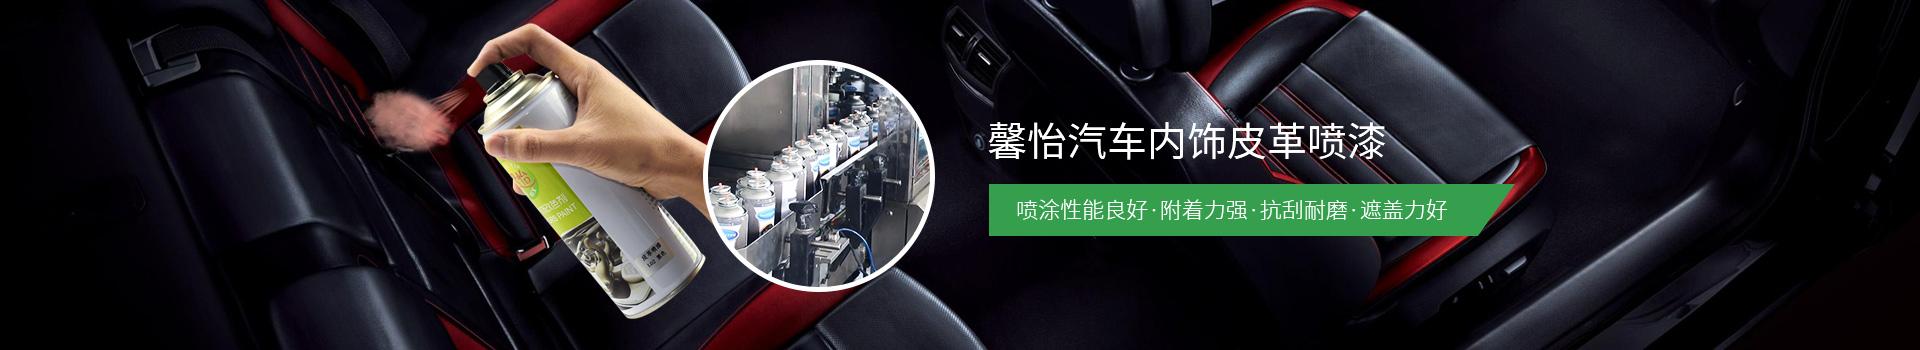 馨怡汽车内饰皮革喷漆:喷涂性能良好、附着力强、抗刮耐磨、遮盖力好